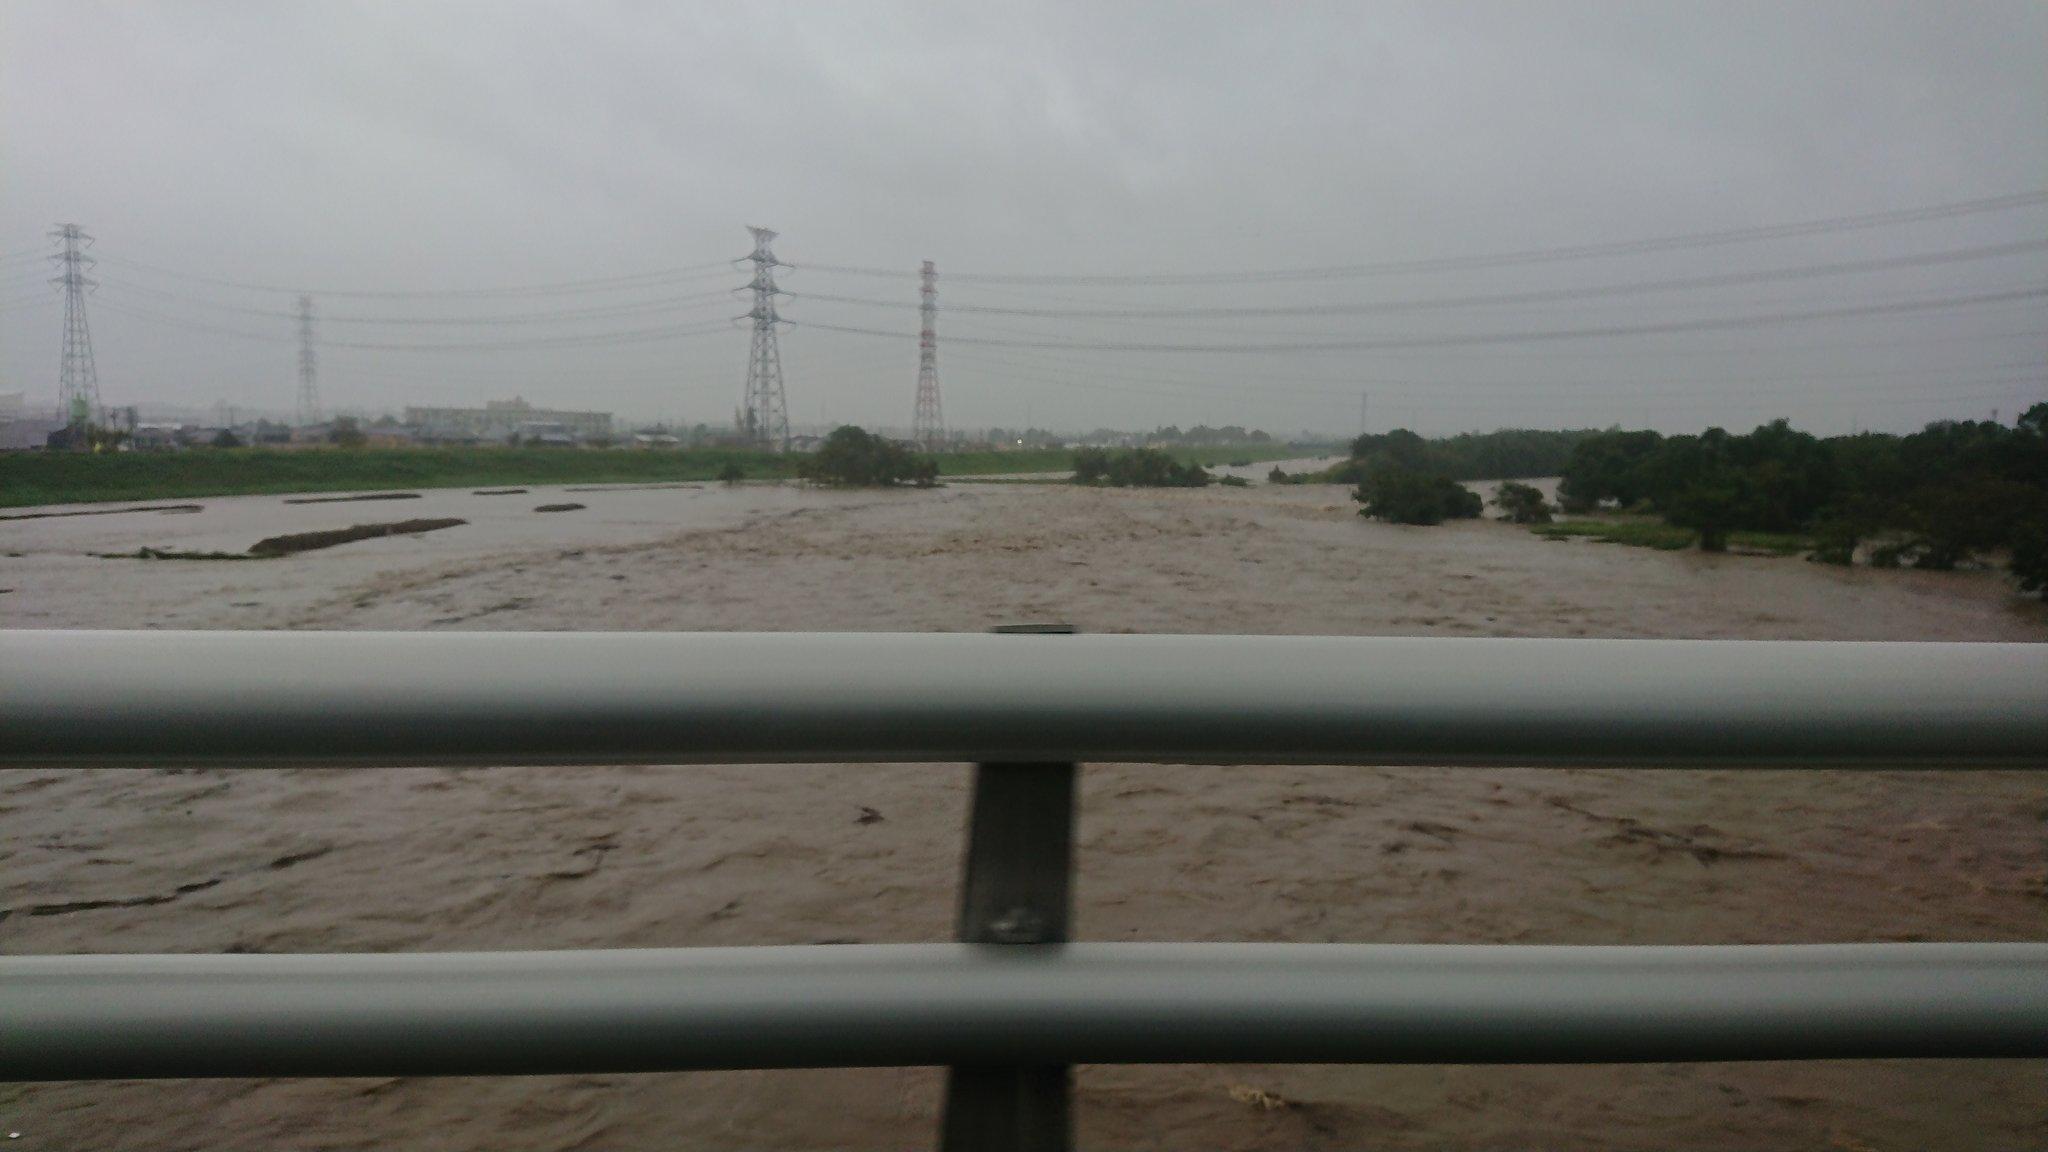 台風19号の大雨で氾濫の恐れのある入間川の現場画像